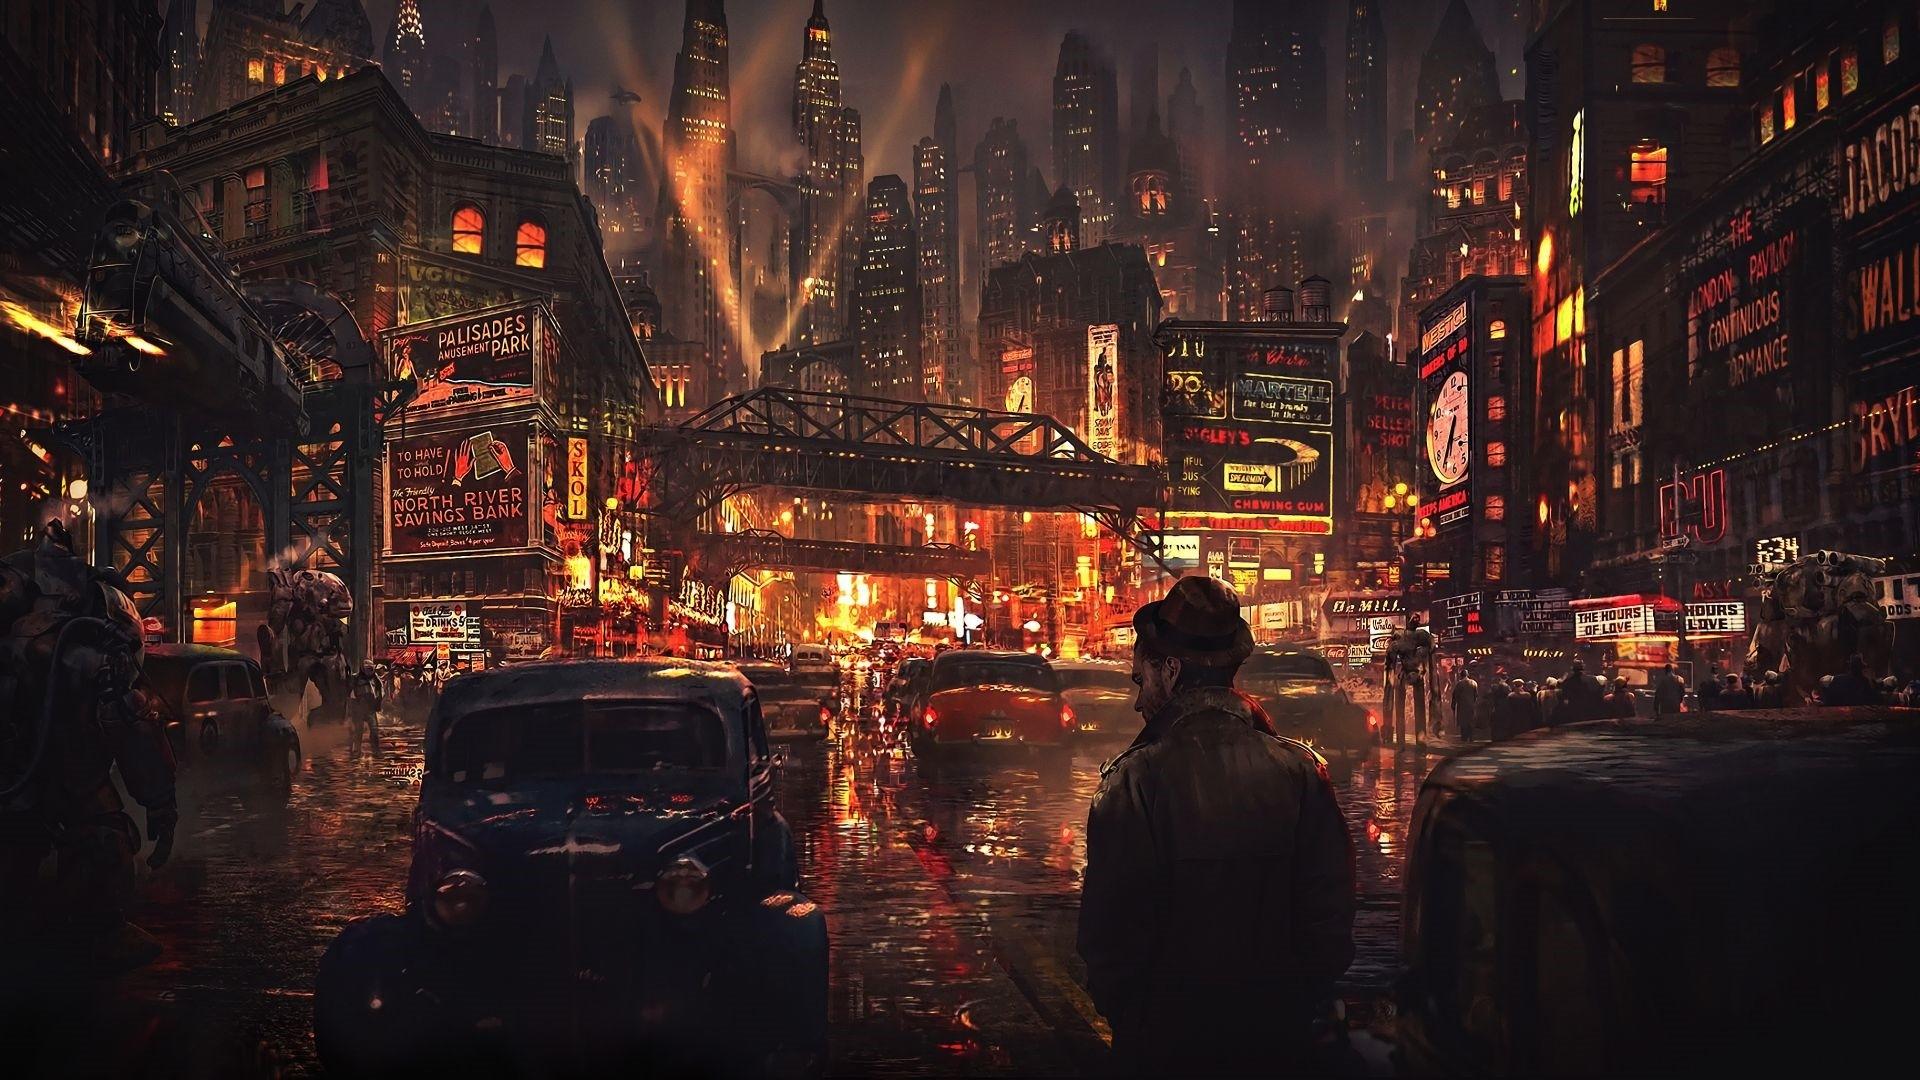 Cyberpunk City Art Wallpaper